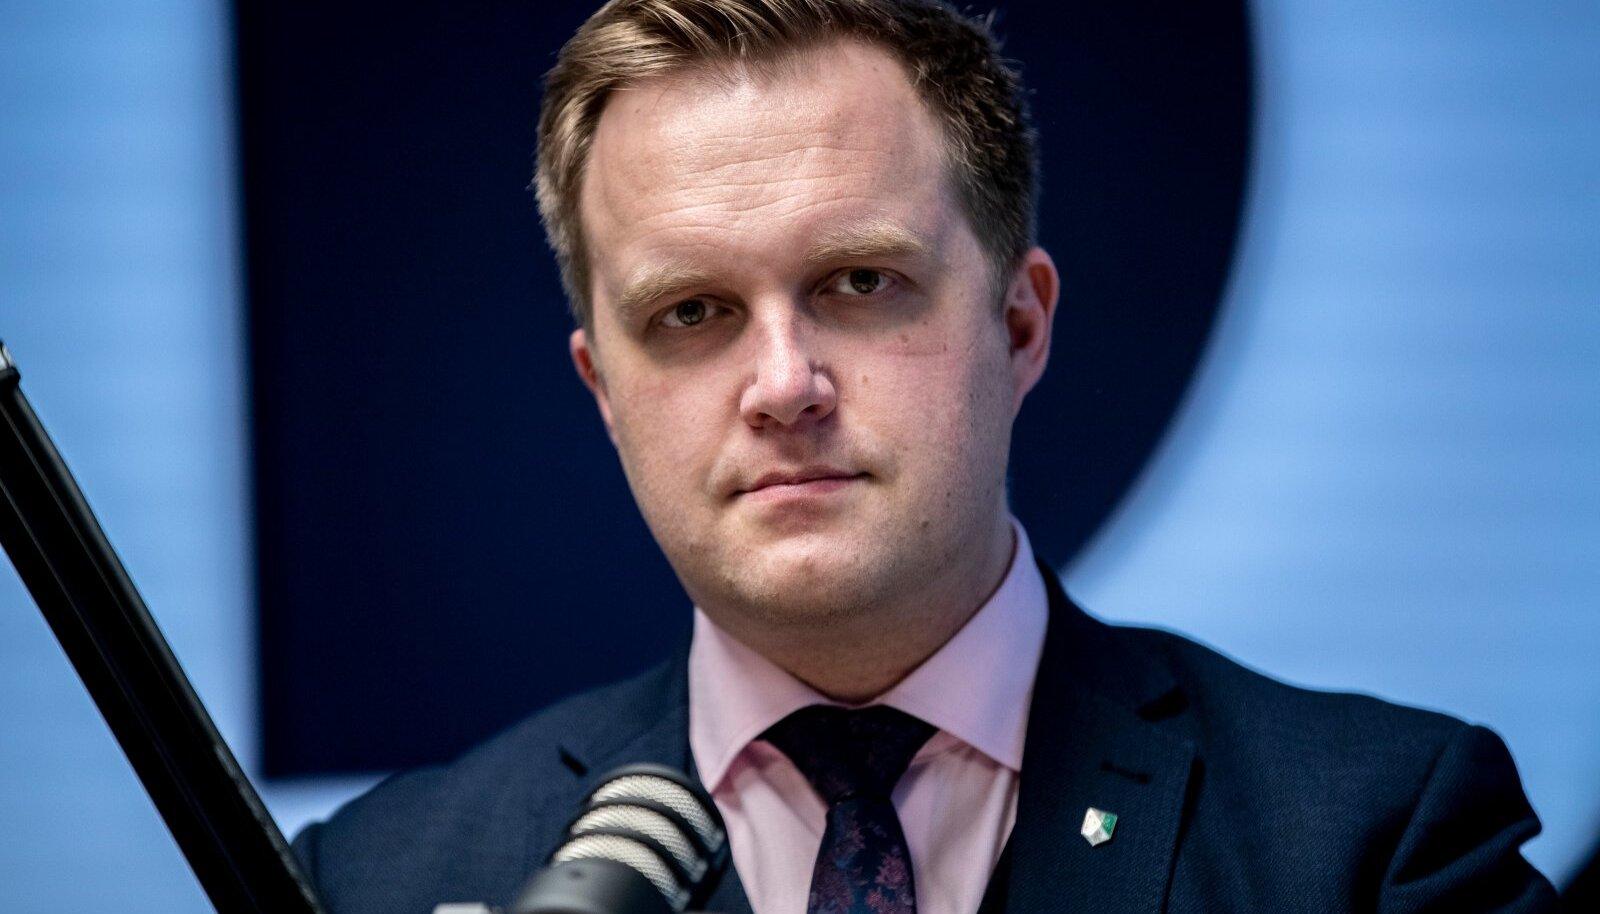 Terviseameti kommunikatsioonijuht Imre Kaas